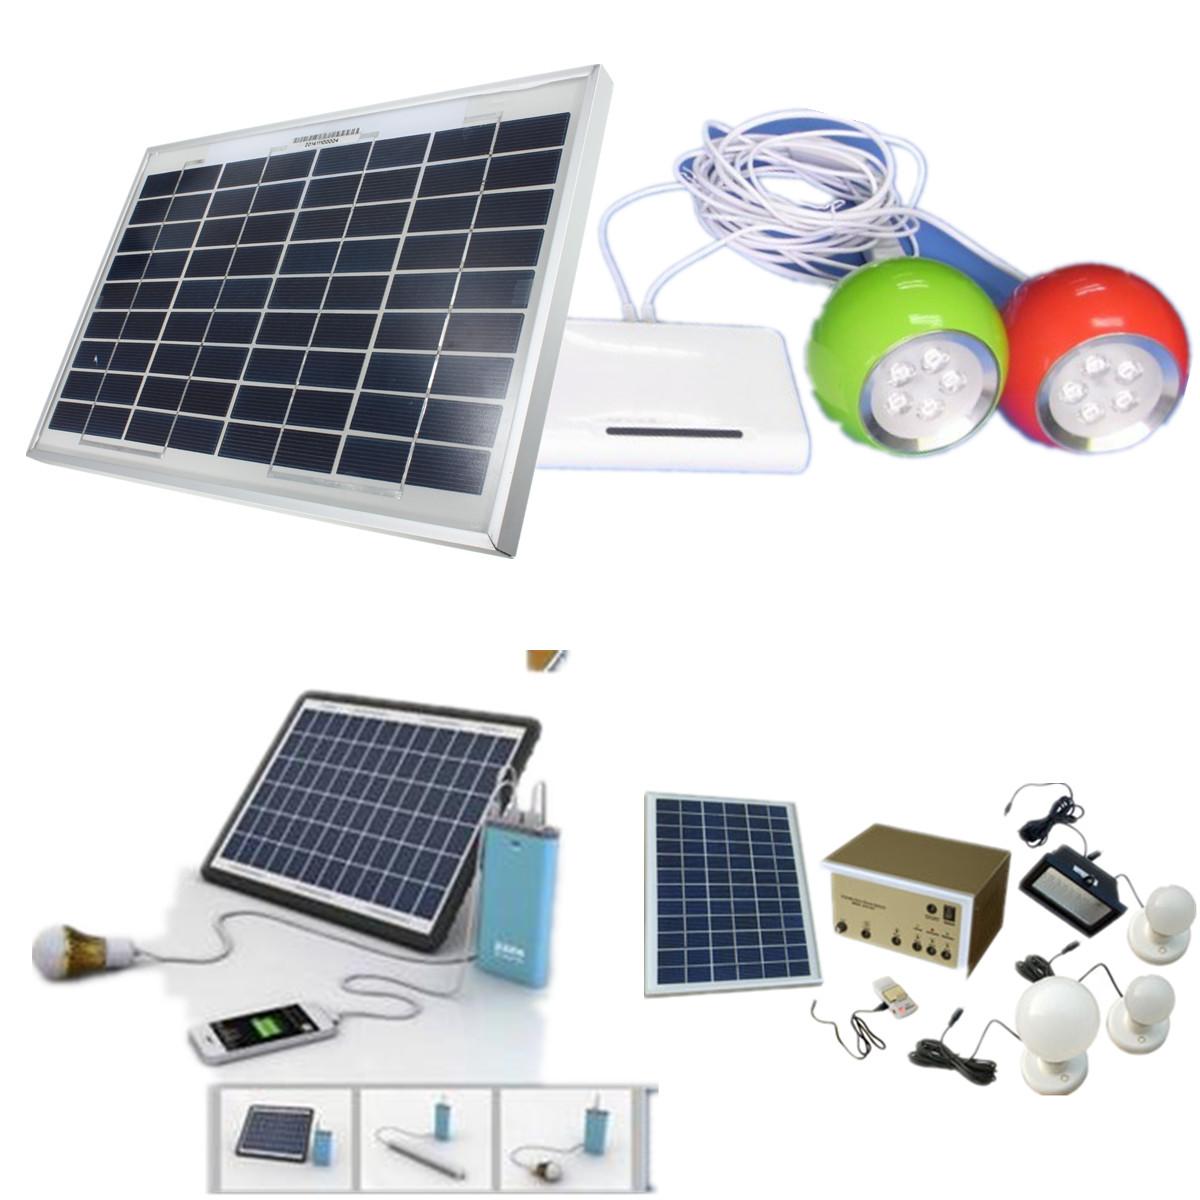 Pannello Solare Kwh : Molti tipi solare pannello solar panel fotovoltaico